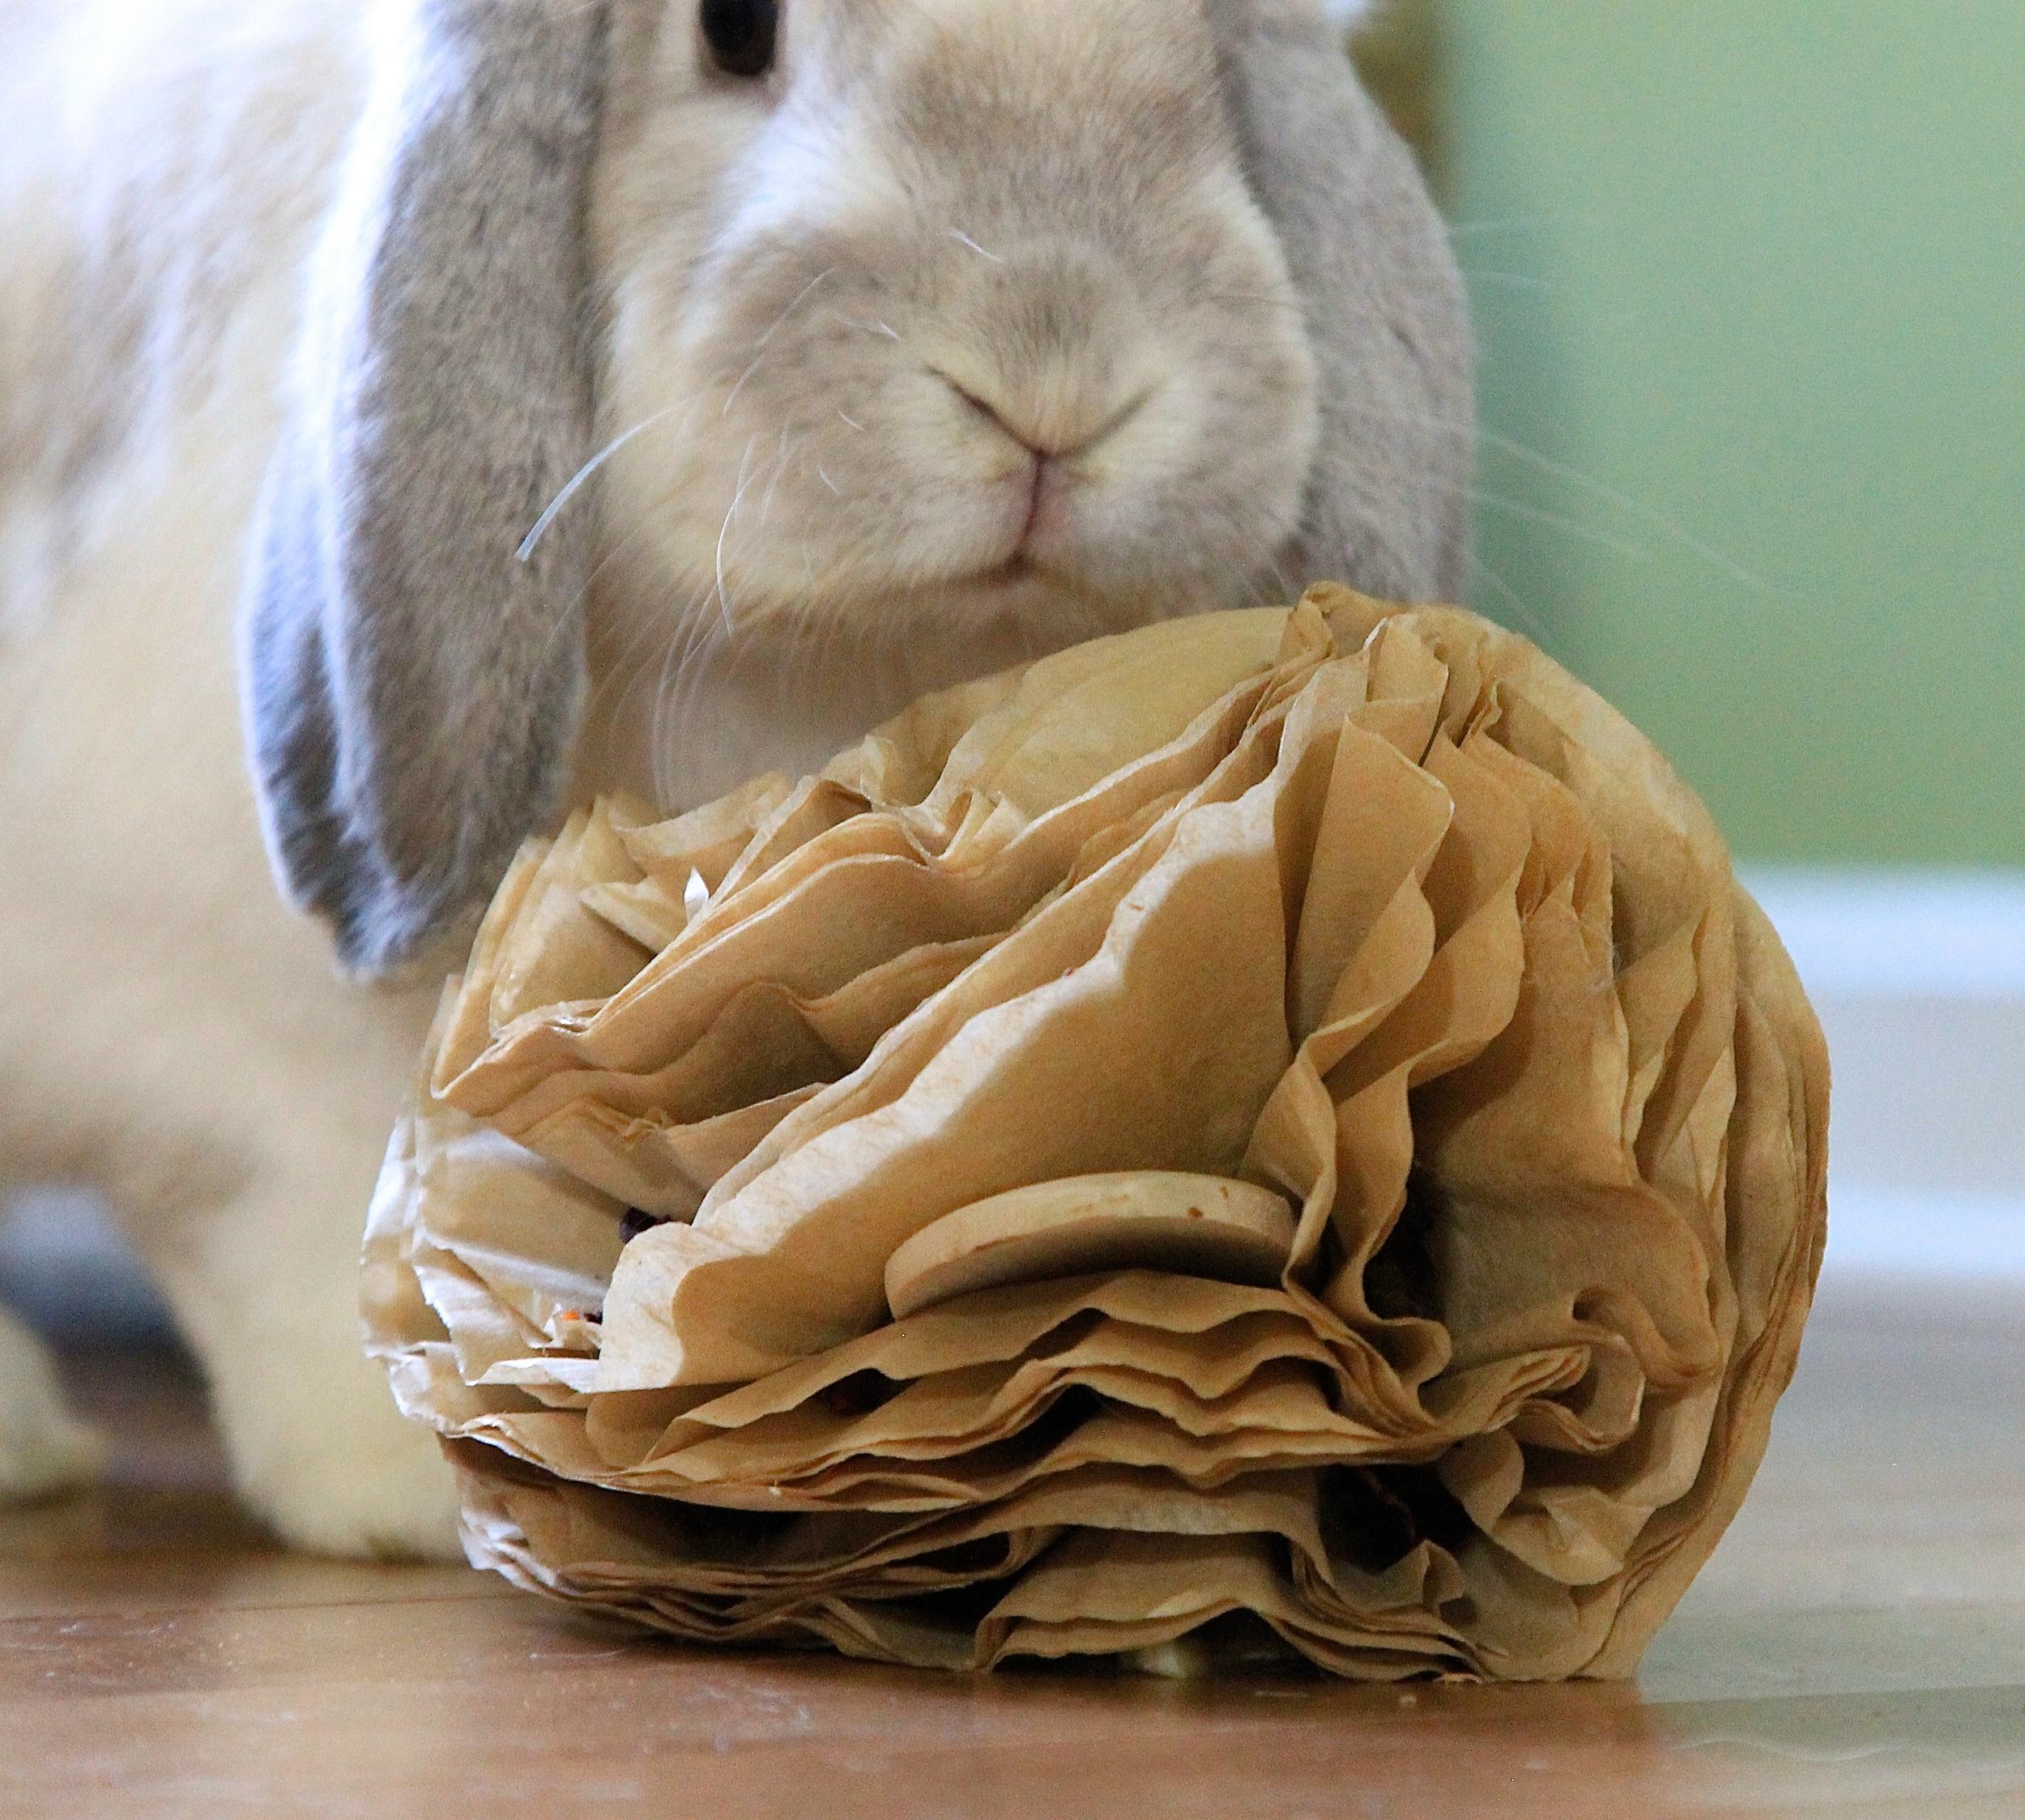 rabbit enrichment